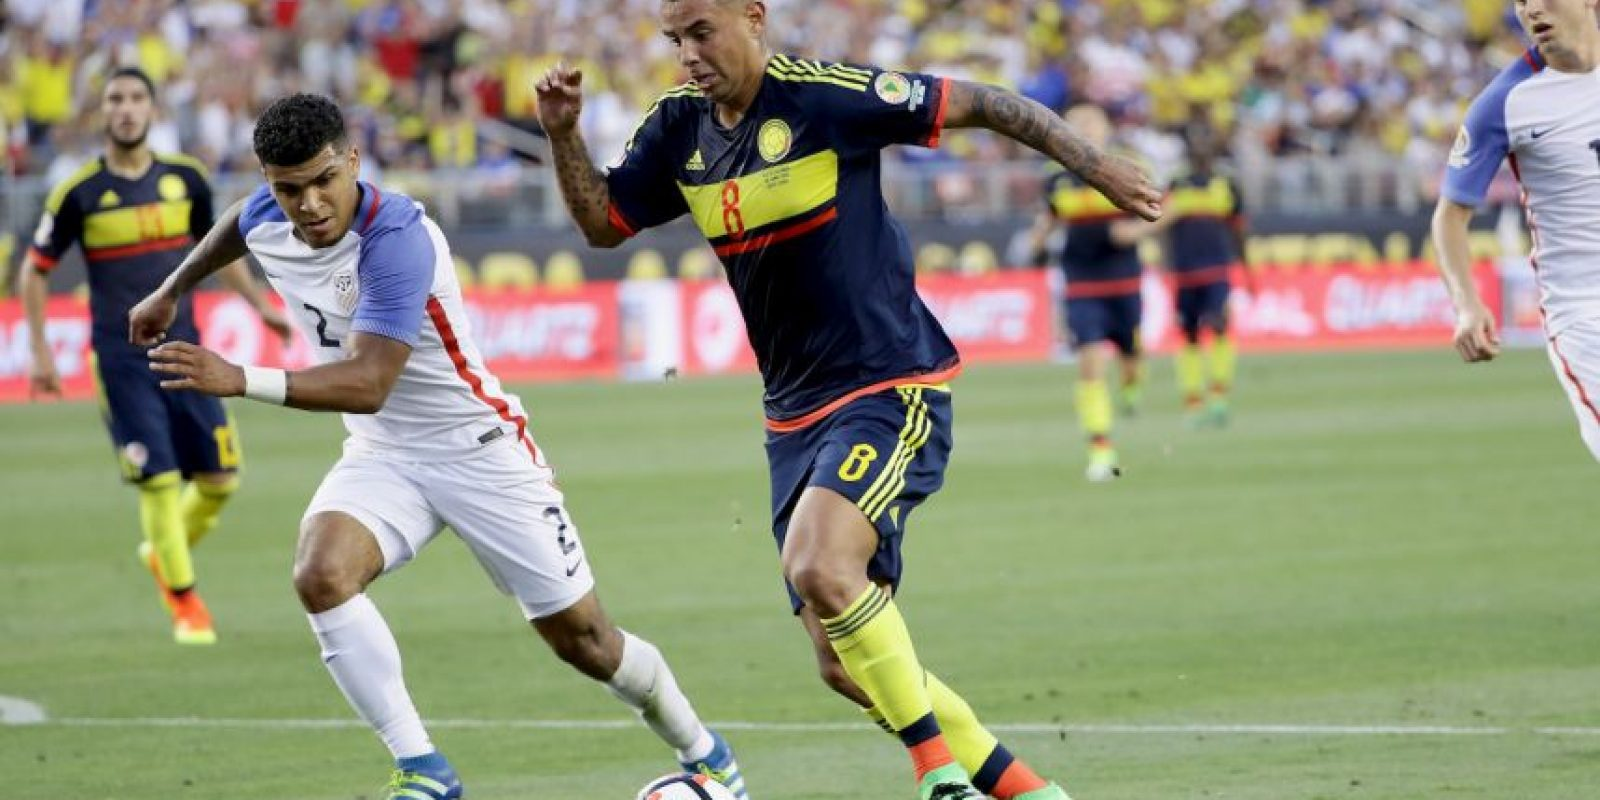 Los cafetaleros vencieron por 2 a 0 a Estados Unidos en el primer partido de la Copa América Centenario y se ilusionan con un segundo triunfo para quedar a un paso de la clasificación Foto:Getty Images